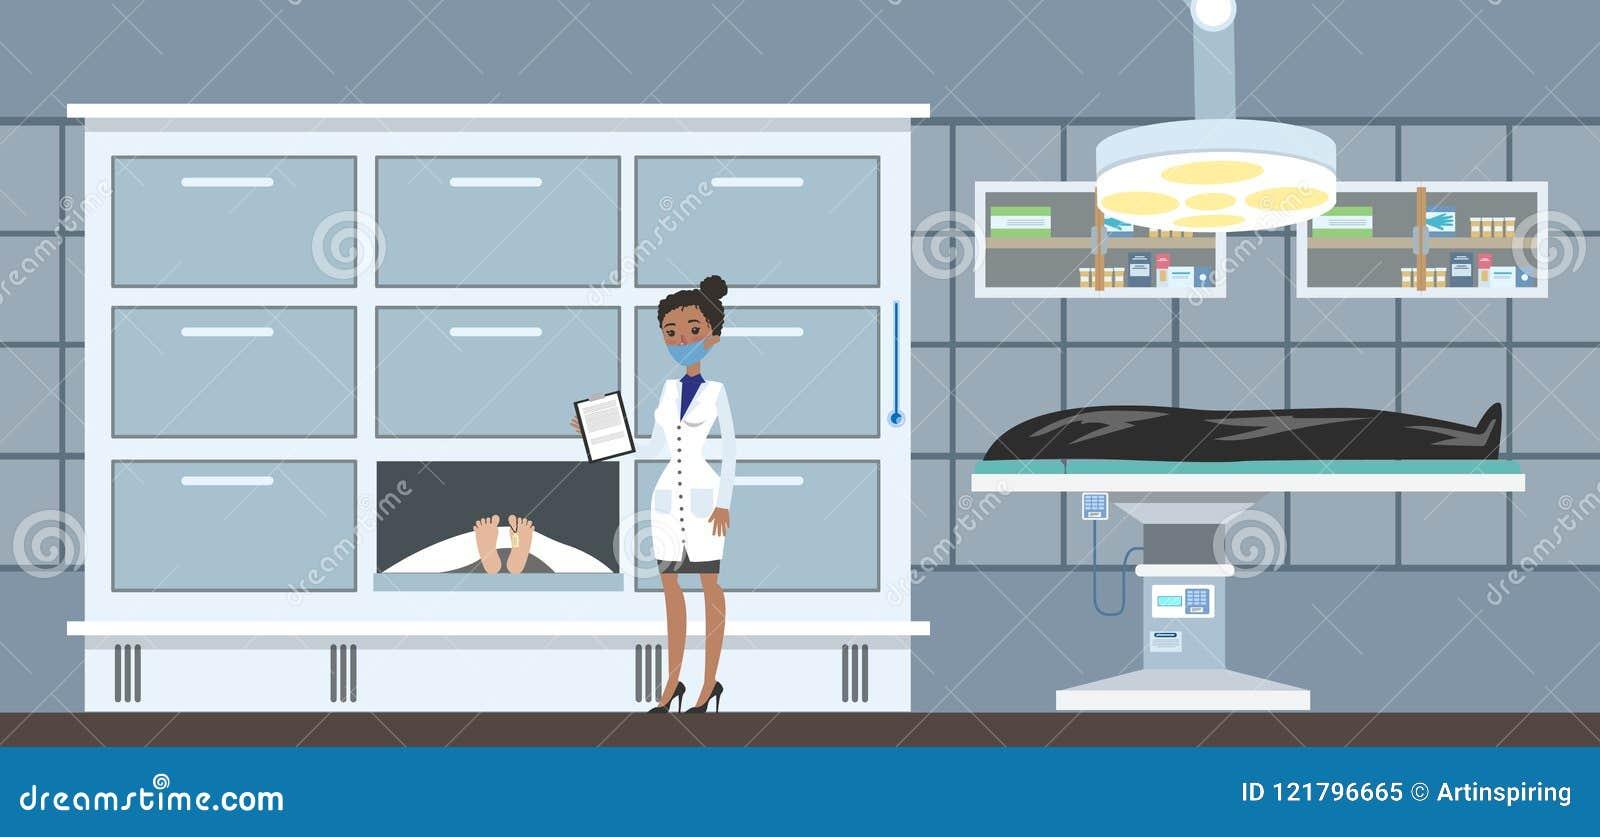 Leichenschauhausinnenraum mit Leichen